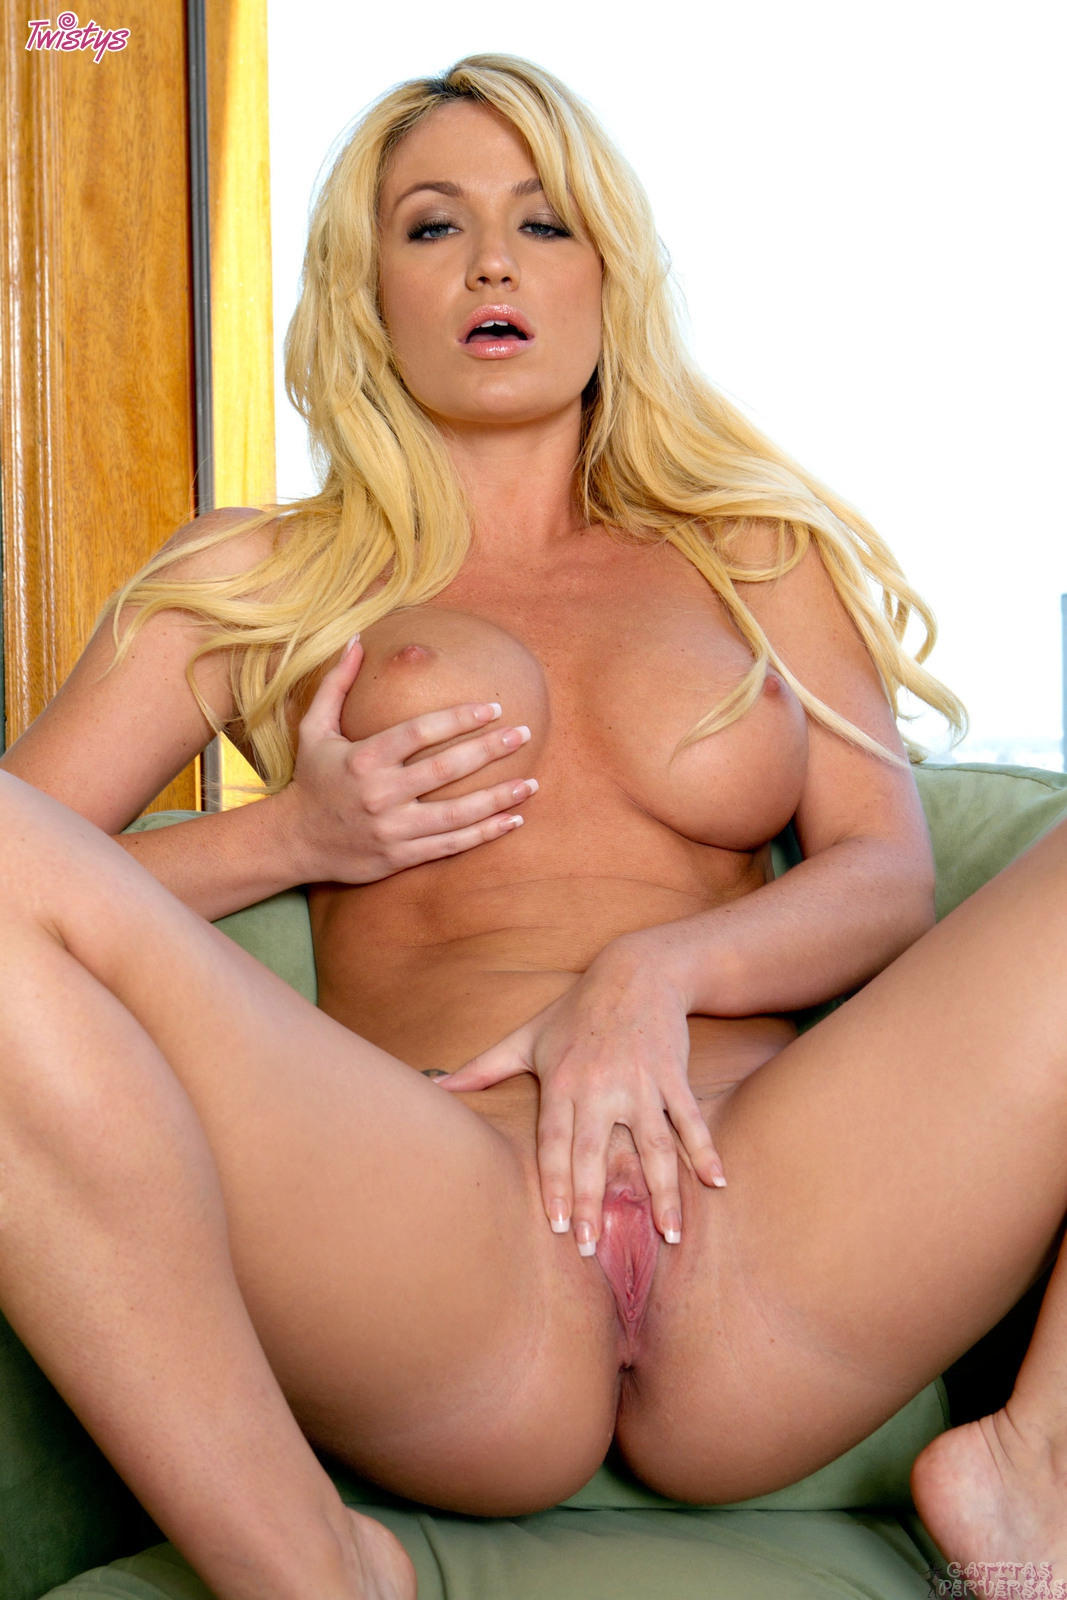 Salma hayek nude boobs sex porn ass images xxx